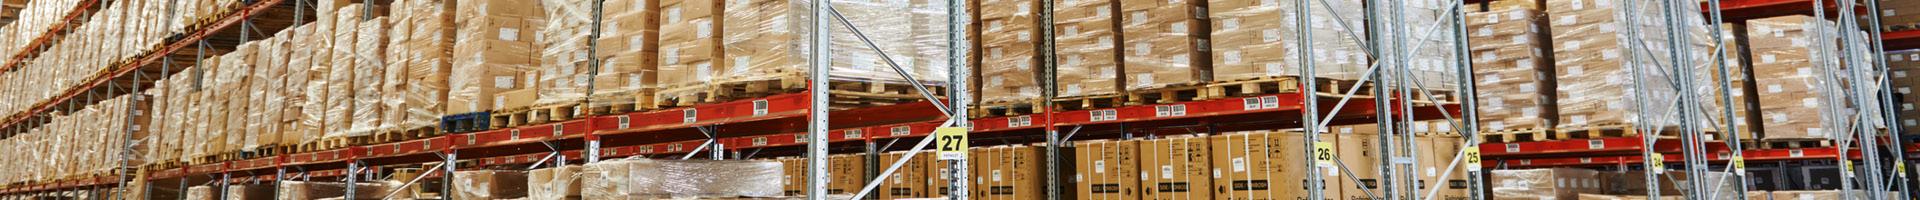 Unabhängig und neutral – Über 30 Leasingangebote für Arbeitsbühnen im Sofortvergleich